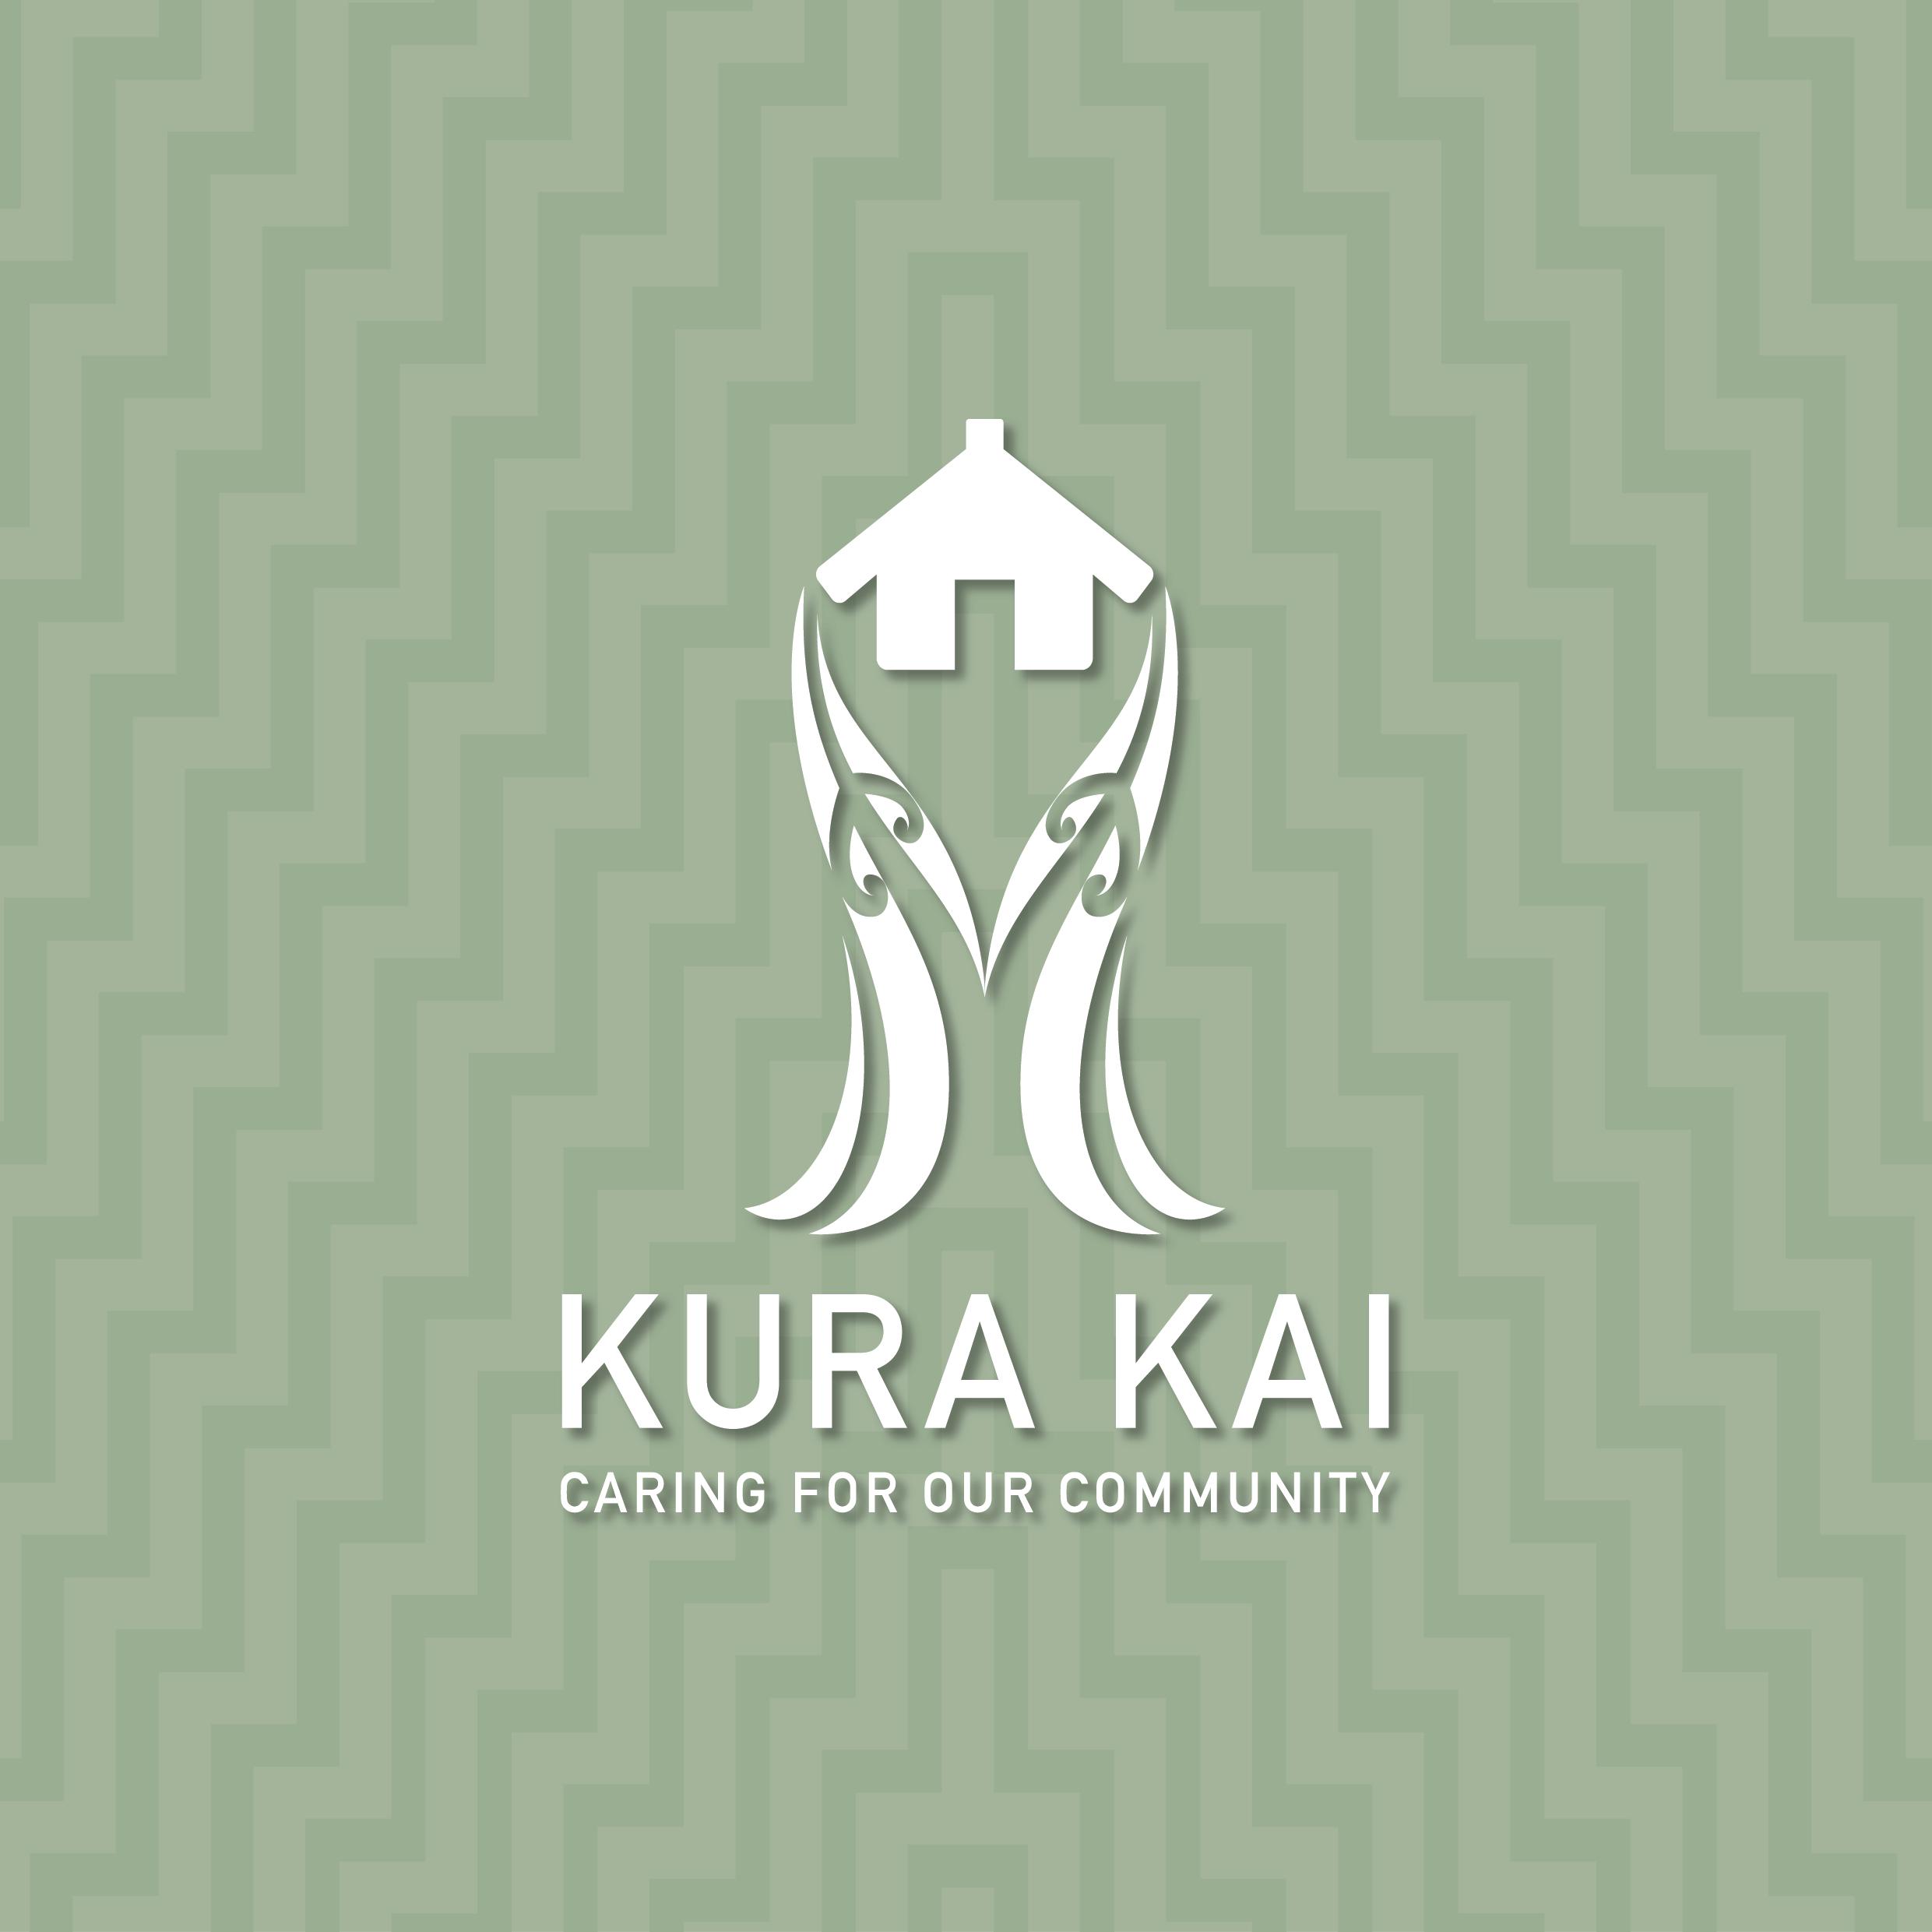 Kura Kai